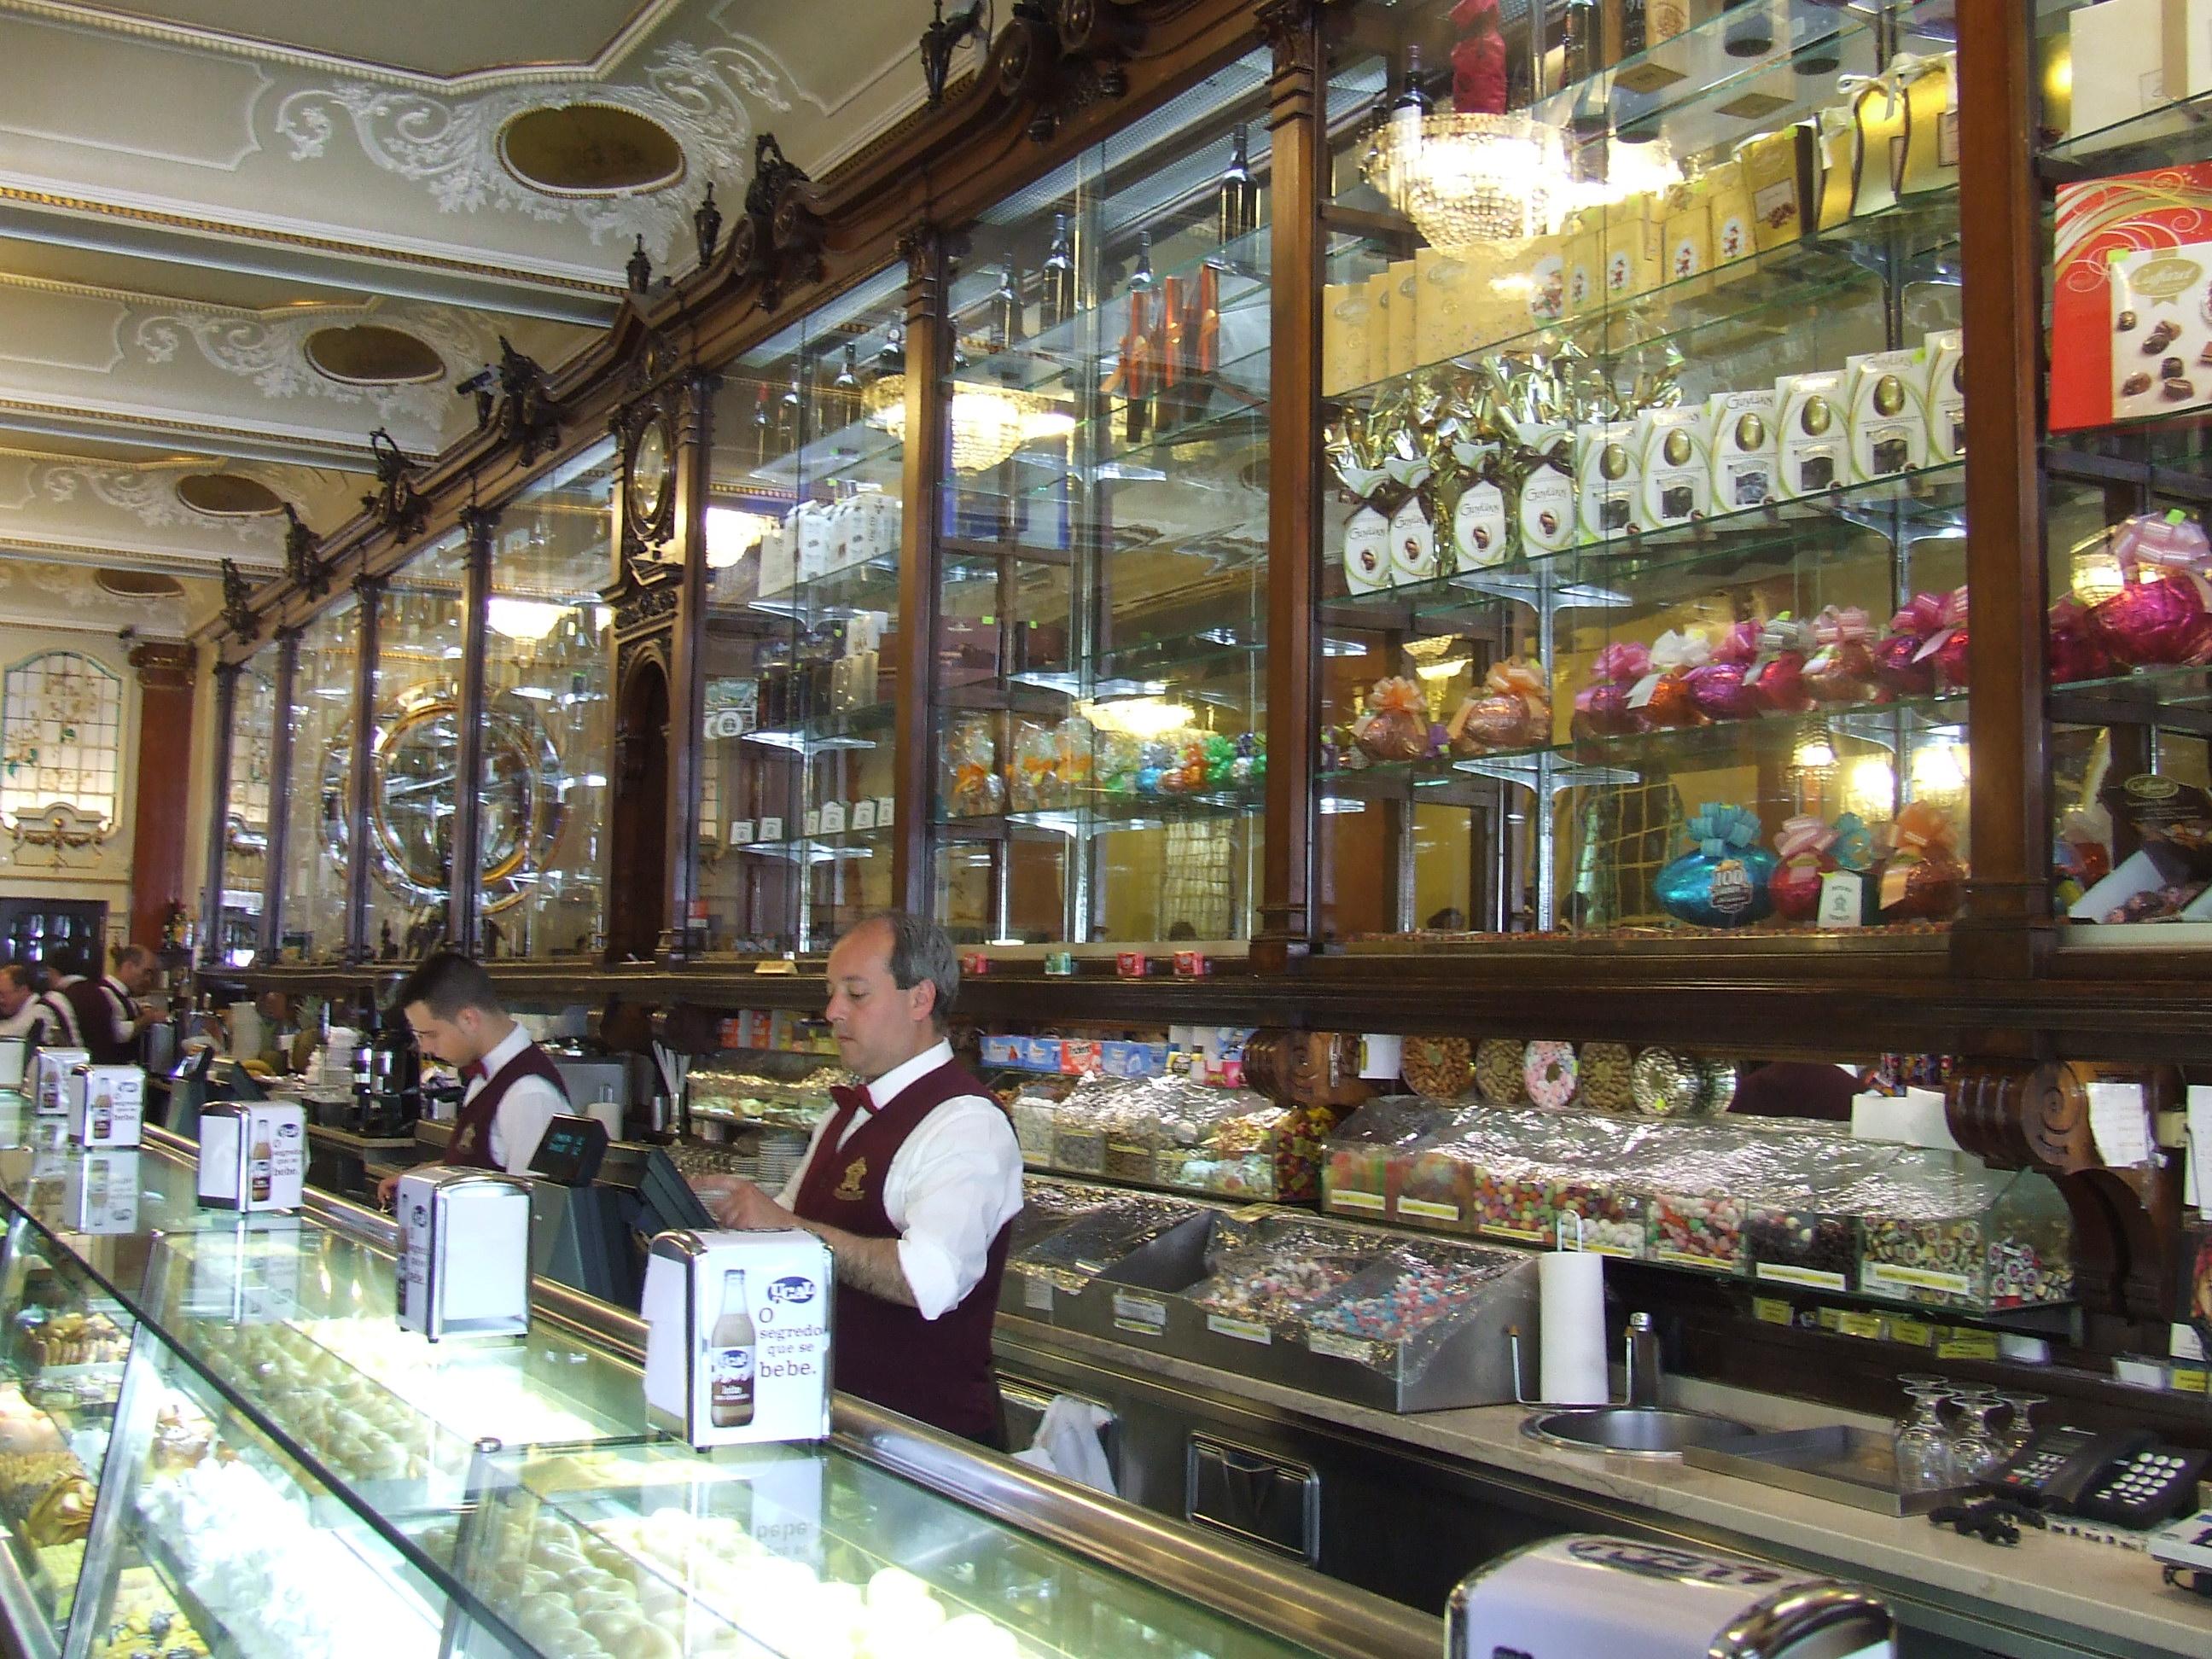 Cinq caf s plus iconiques lisbonne - Office de tourisme lisbonne ...